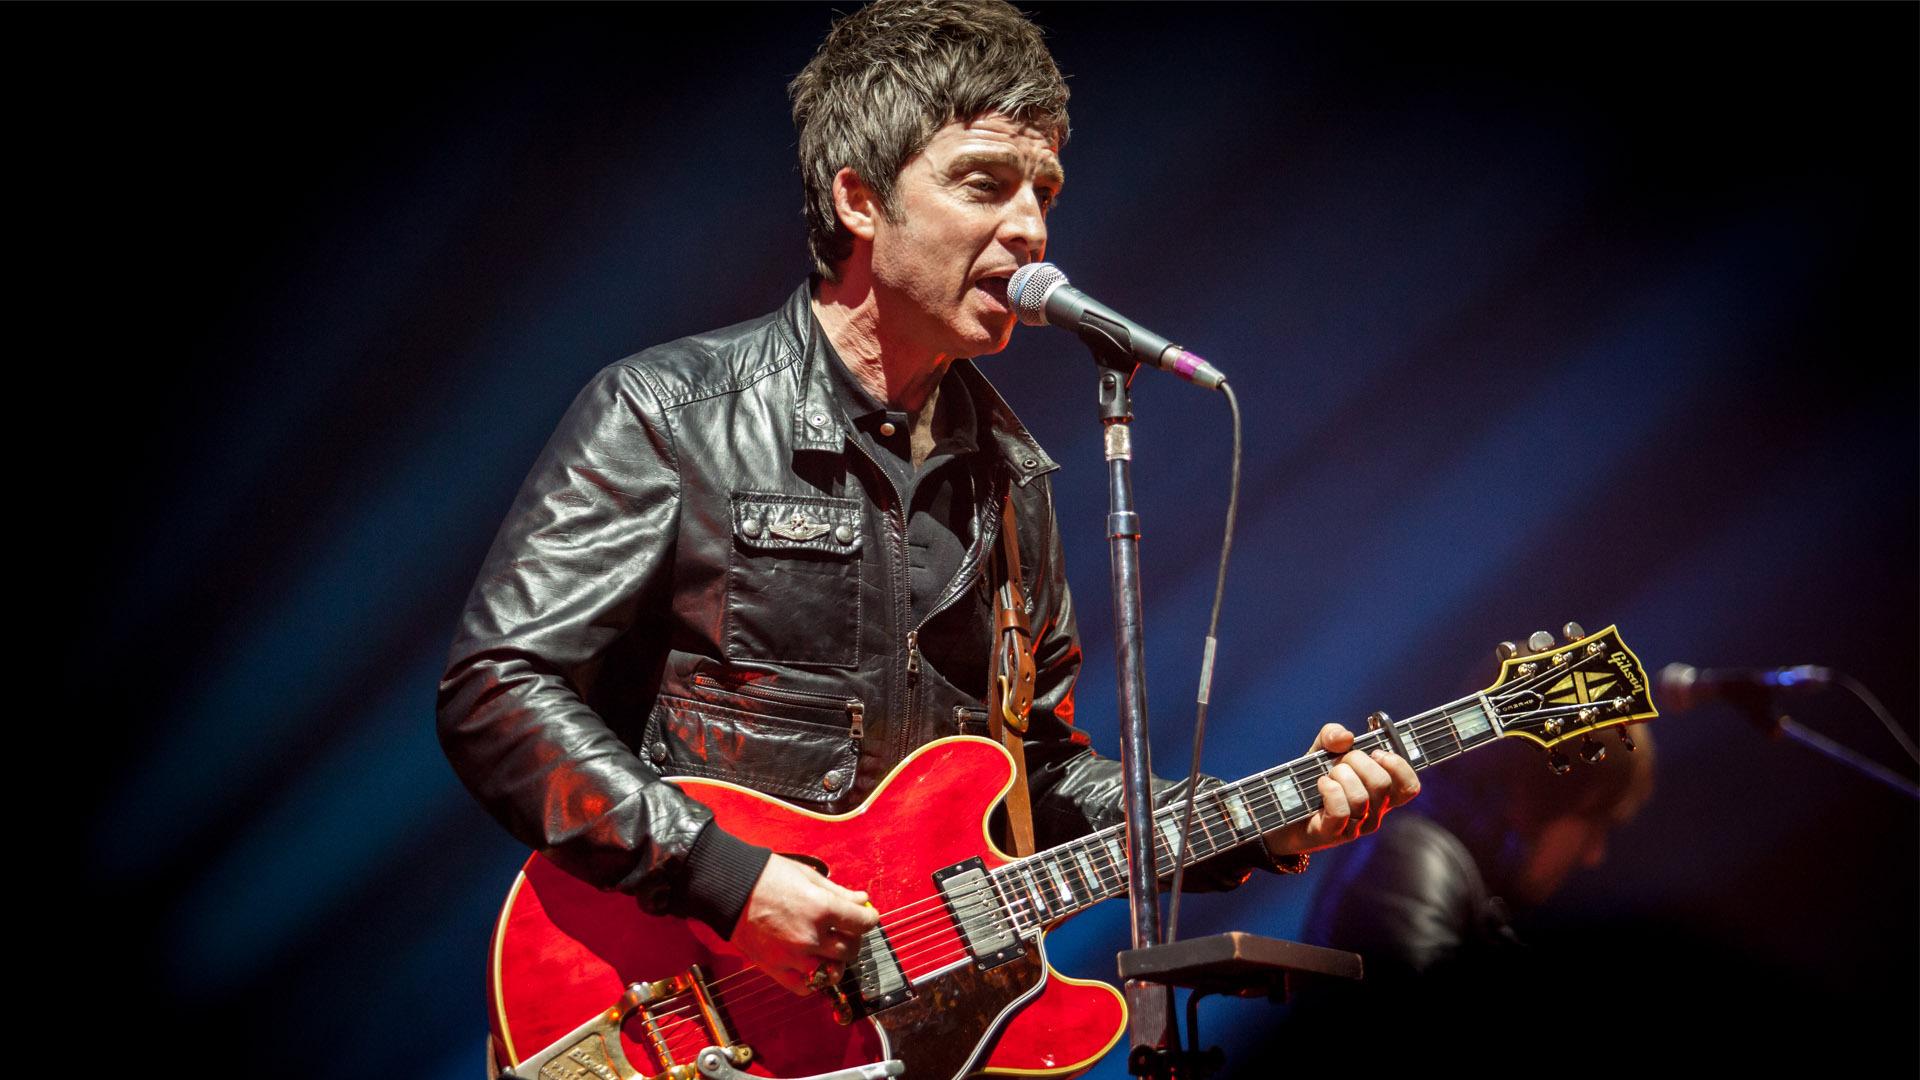 Noel Gallagher Background